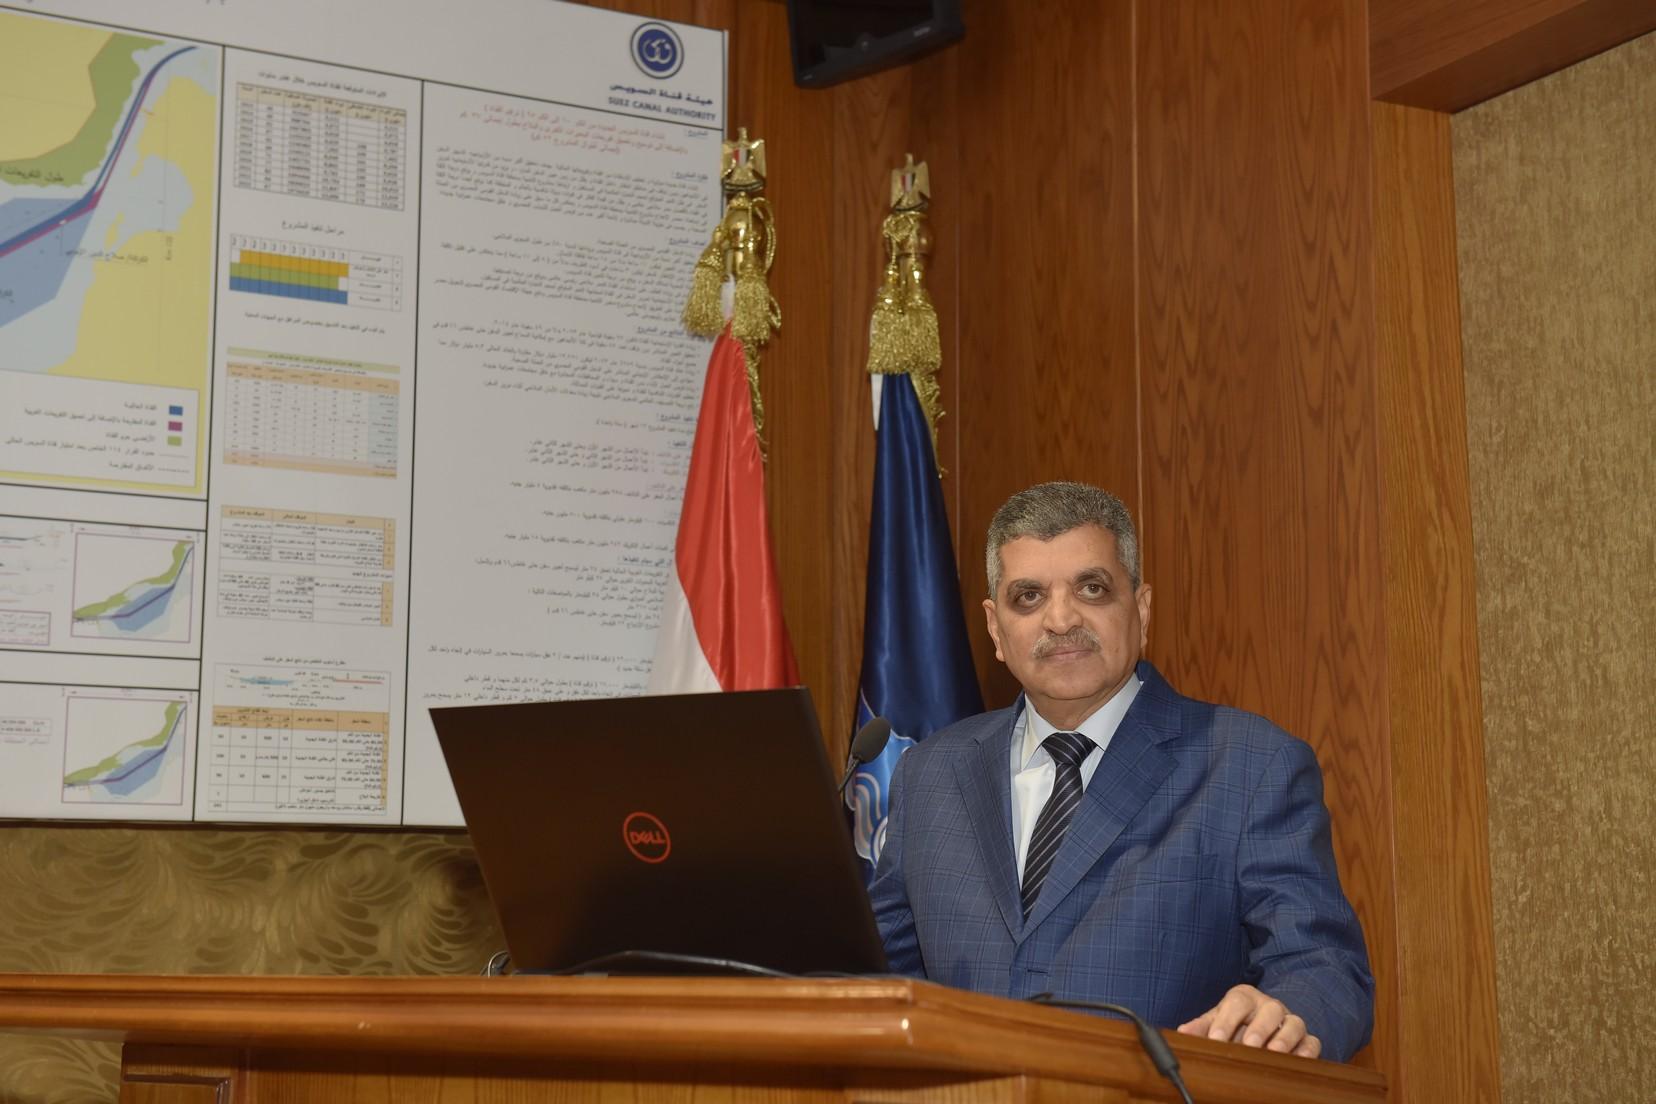 الفريق أسامة ربيع يستقبل النائب العام المصرى والسعودي (5)